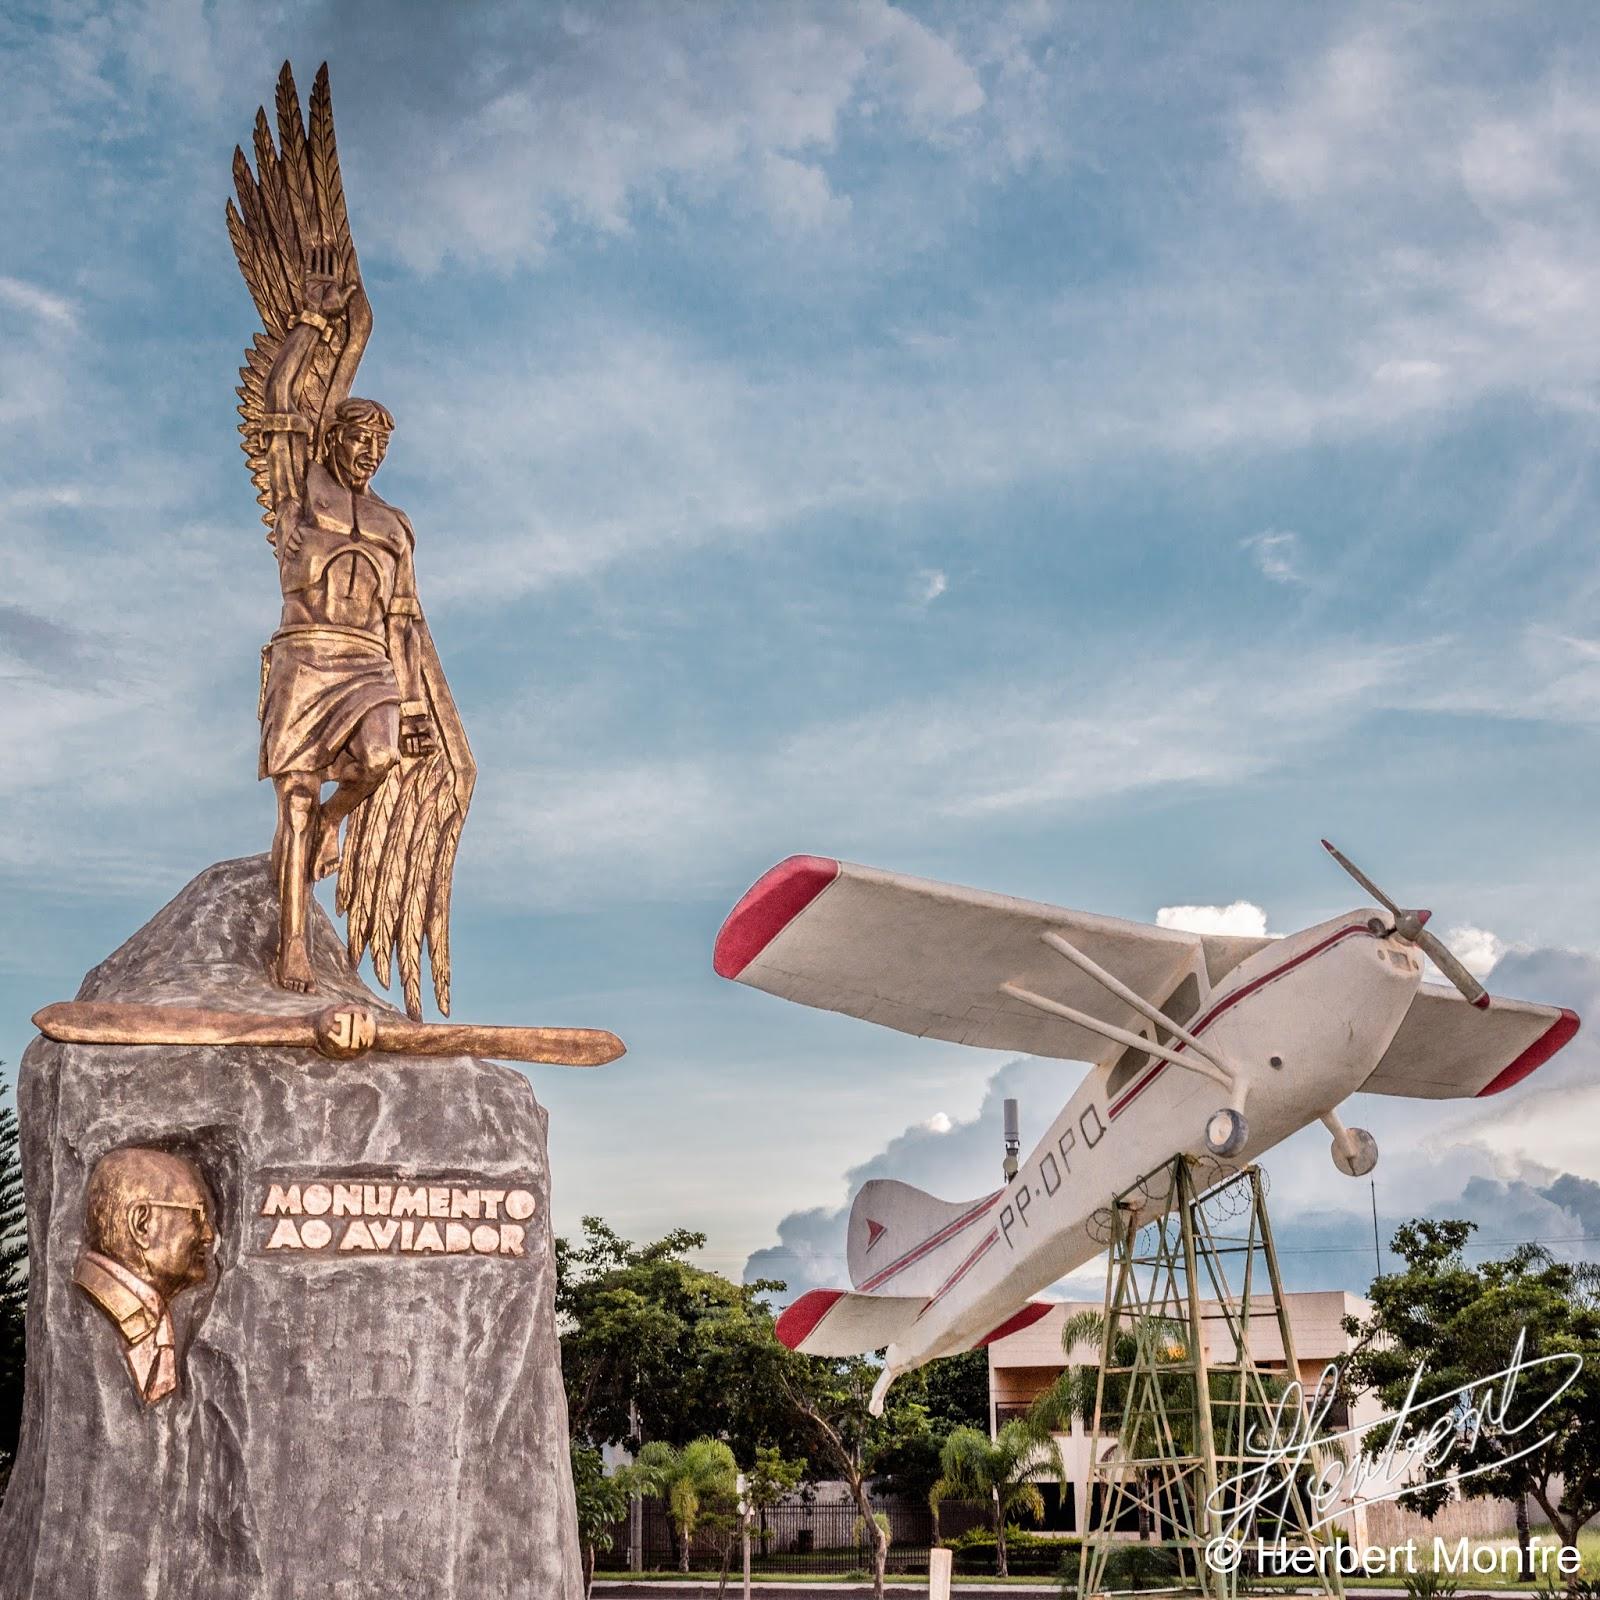 Monumento do Aviador, localizado no centro da cidade de Chapadão do Sul, MS   Foto © Herbert Monfre.